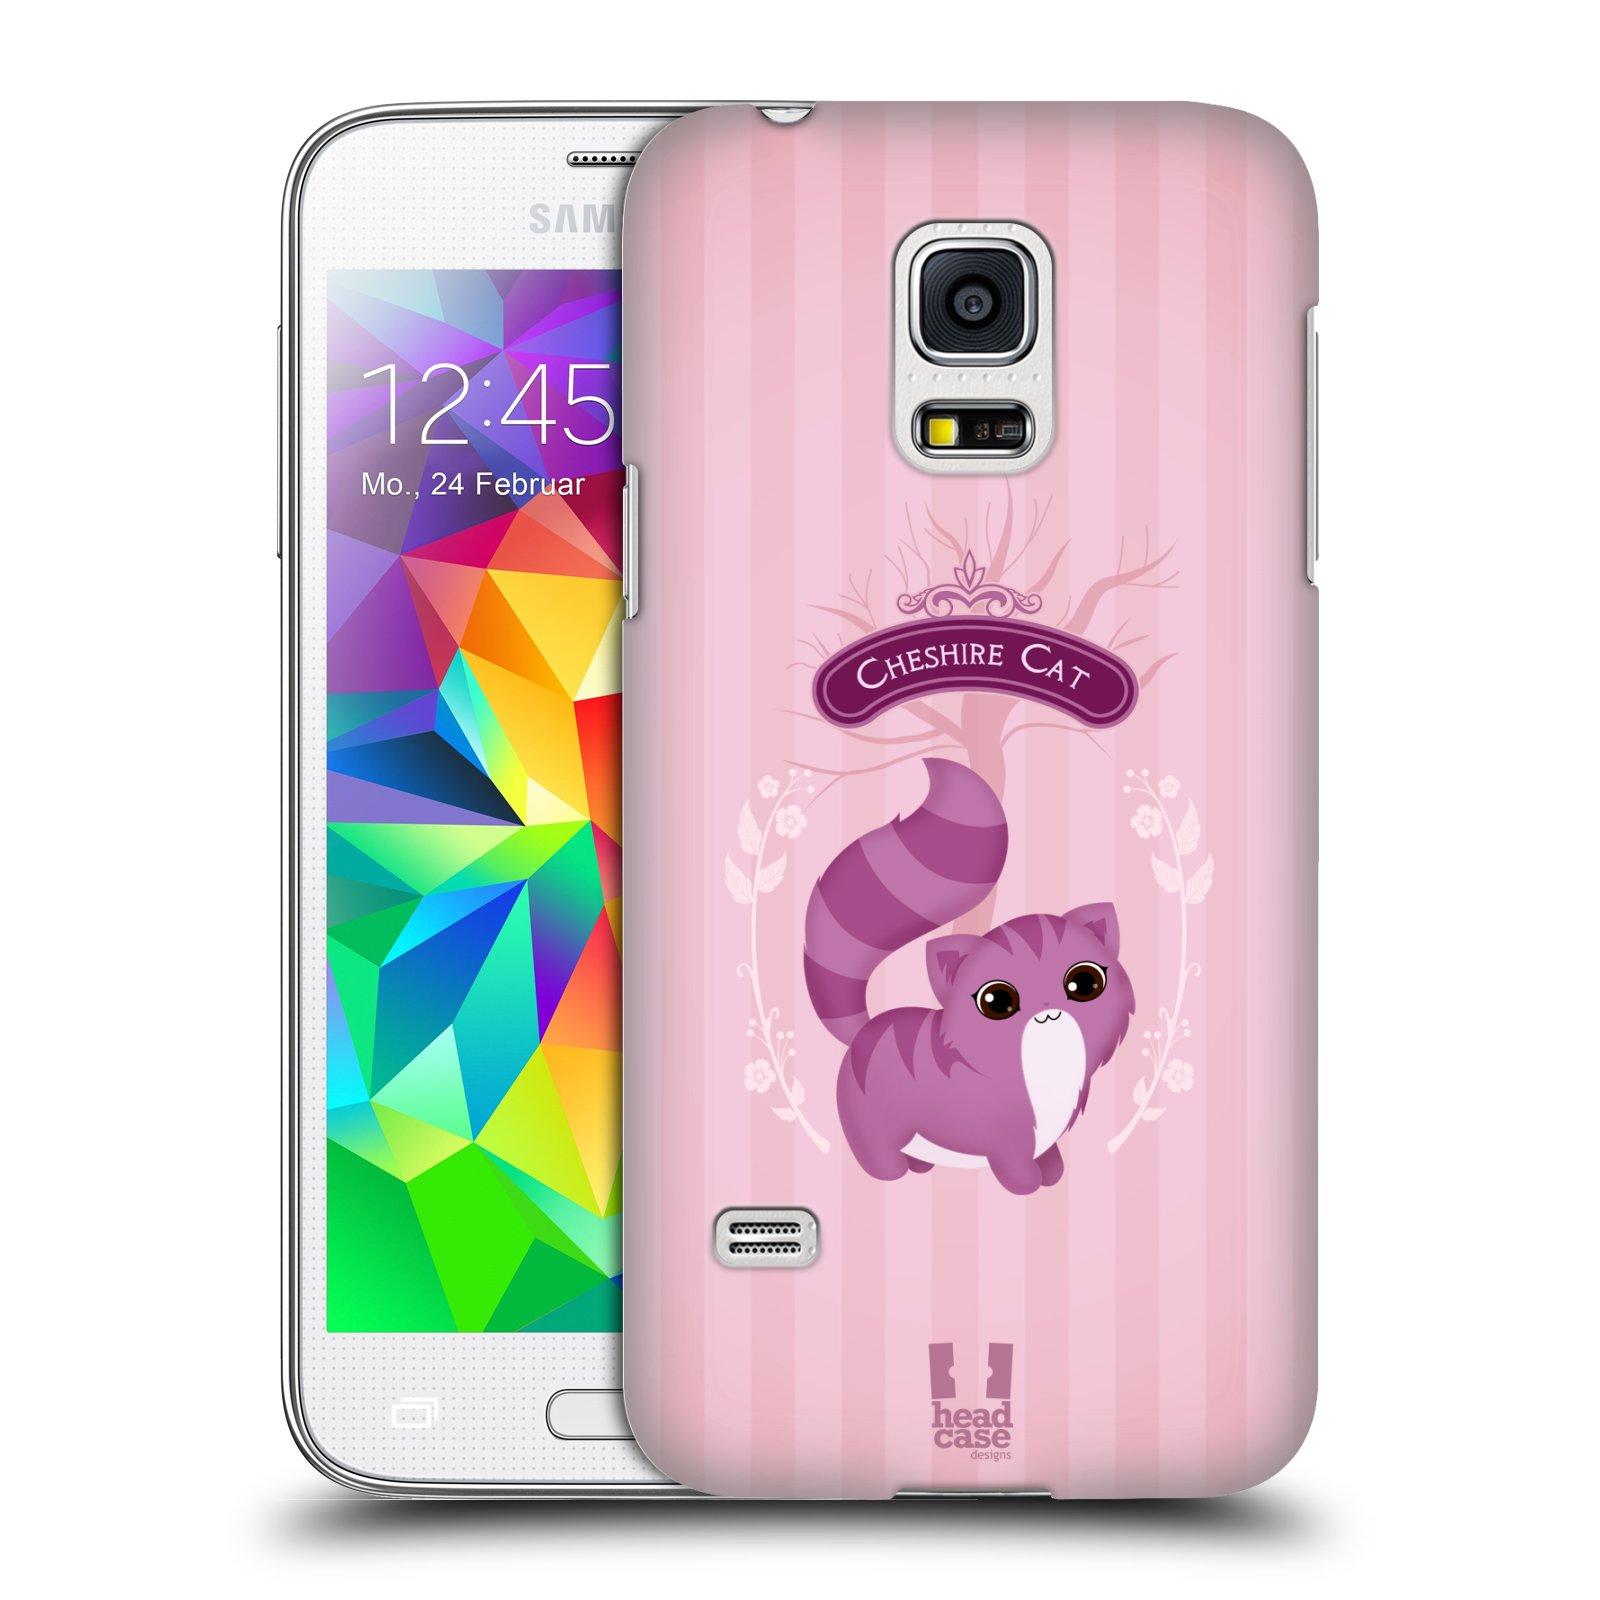 HEAD CASE plastový obal na mobil SAMSUNG Galaxy S5 MINI / S5 MINI DUOS vzor Alenka v říši divů kočička